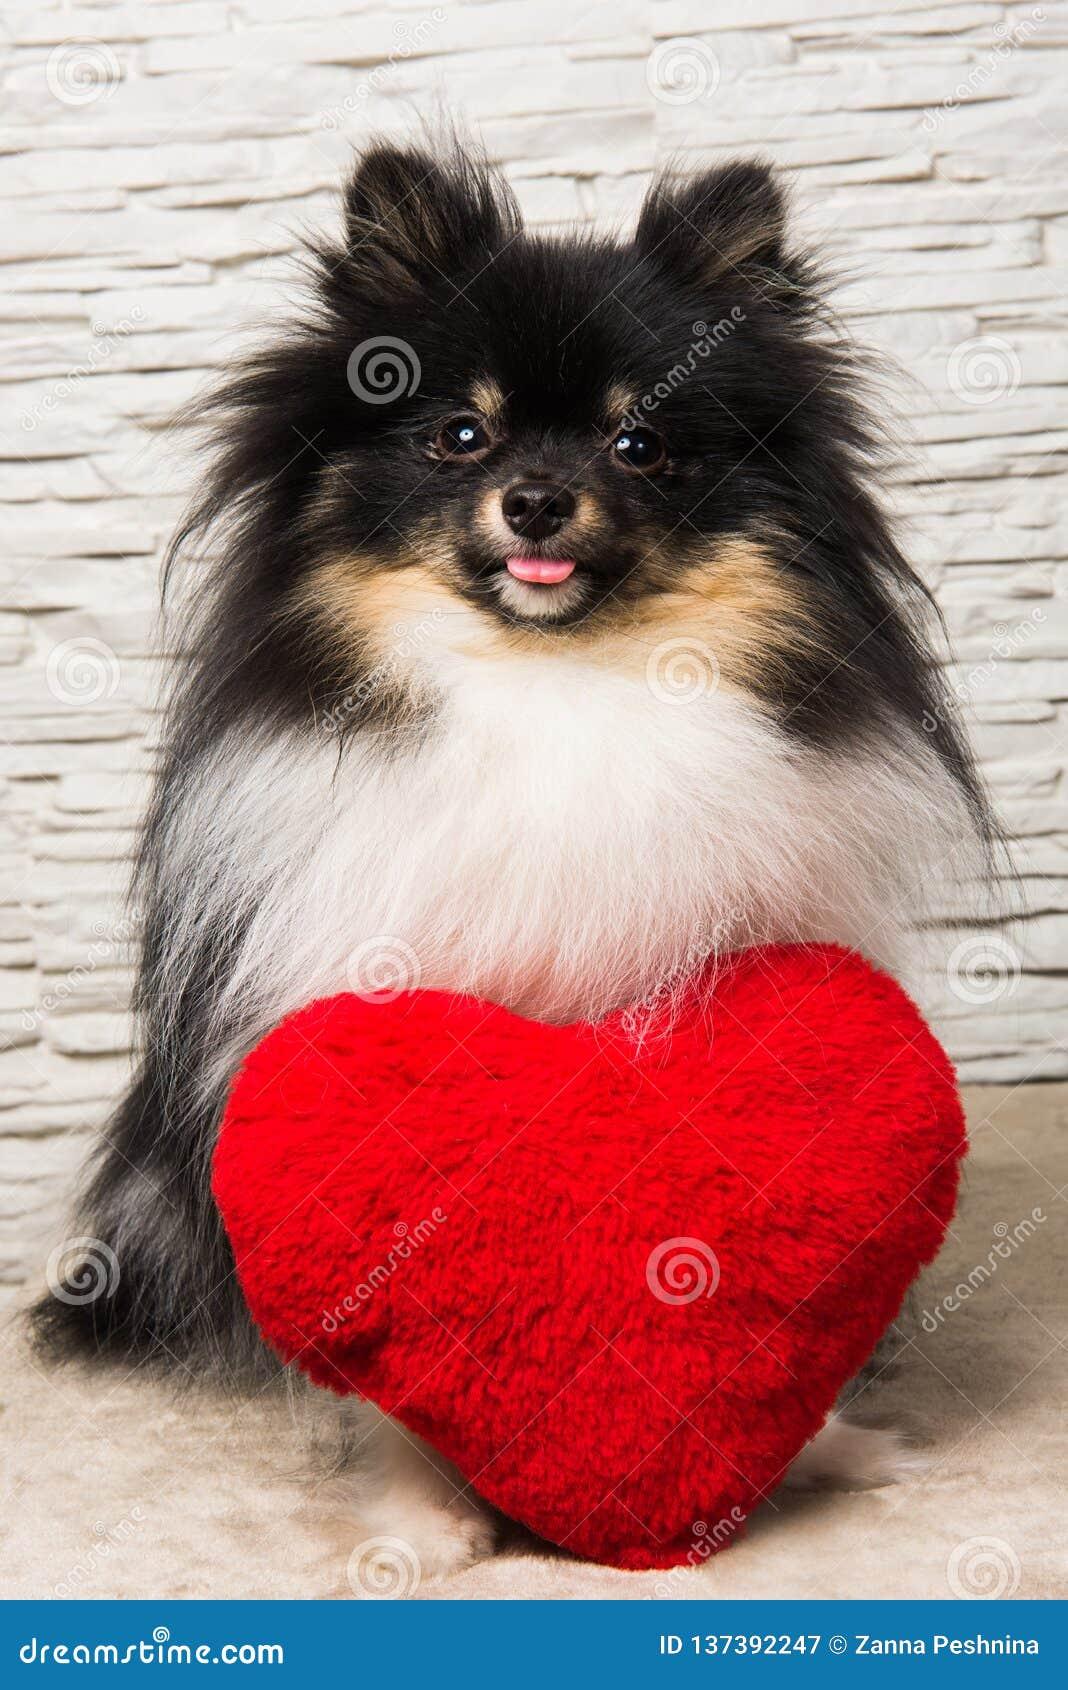 Pomeranian波美丝毛狗与红心的狗小狗